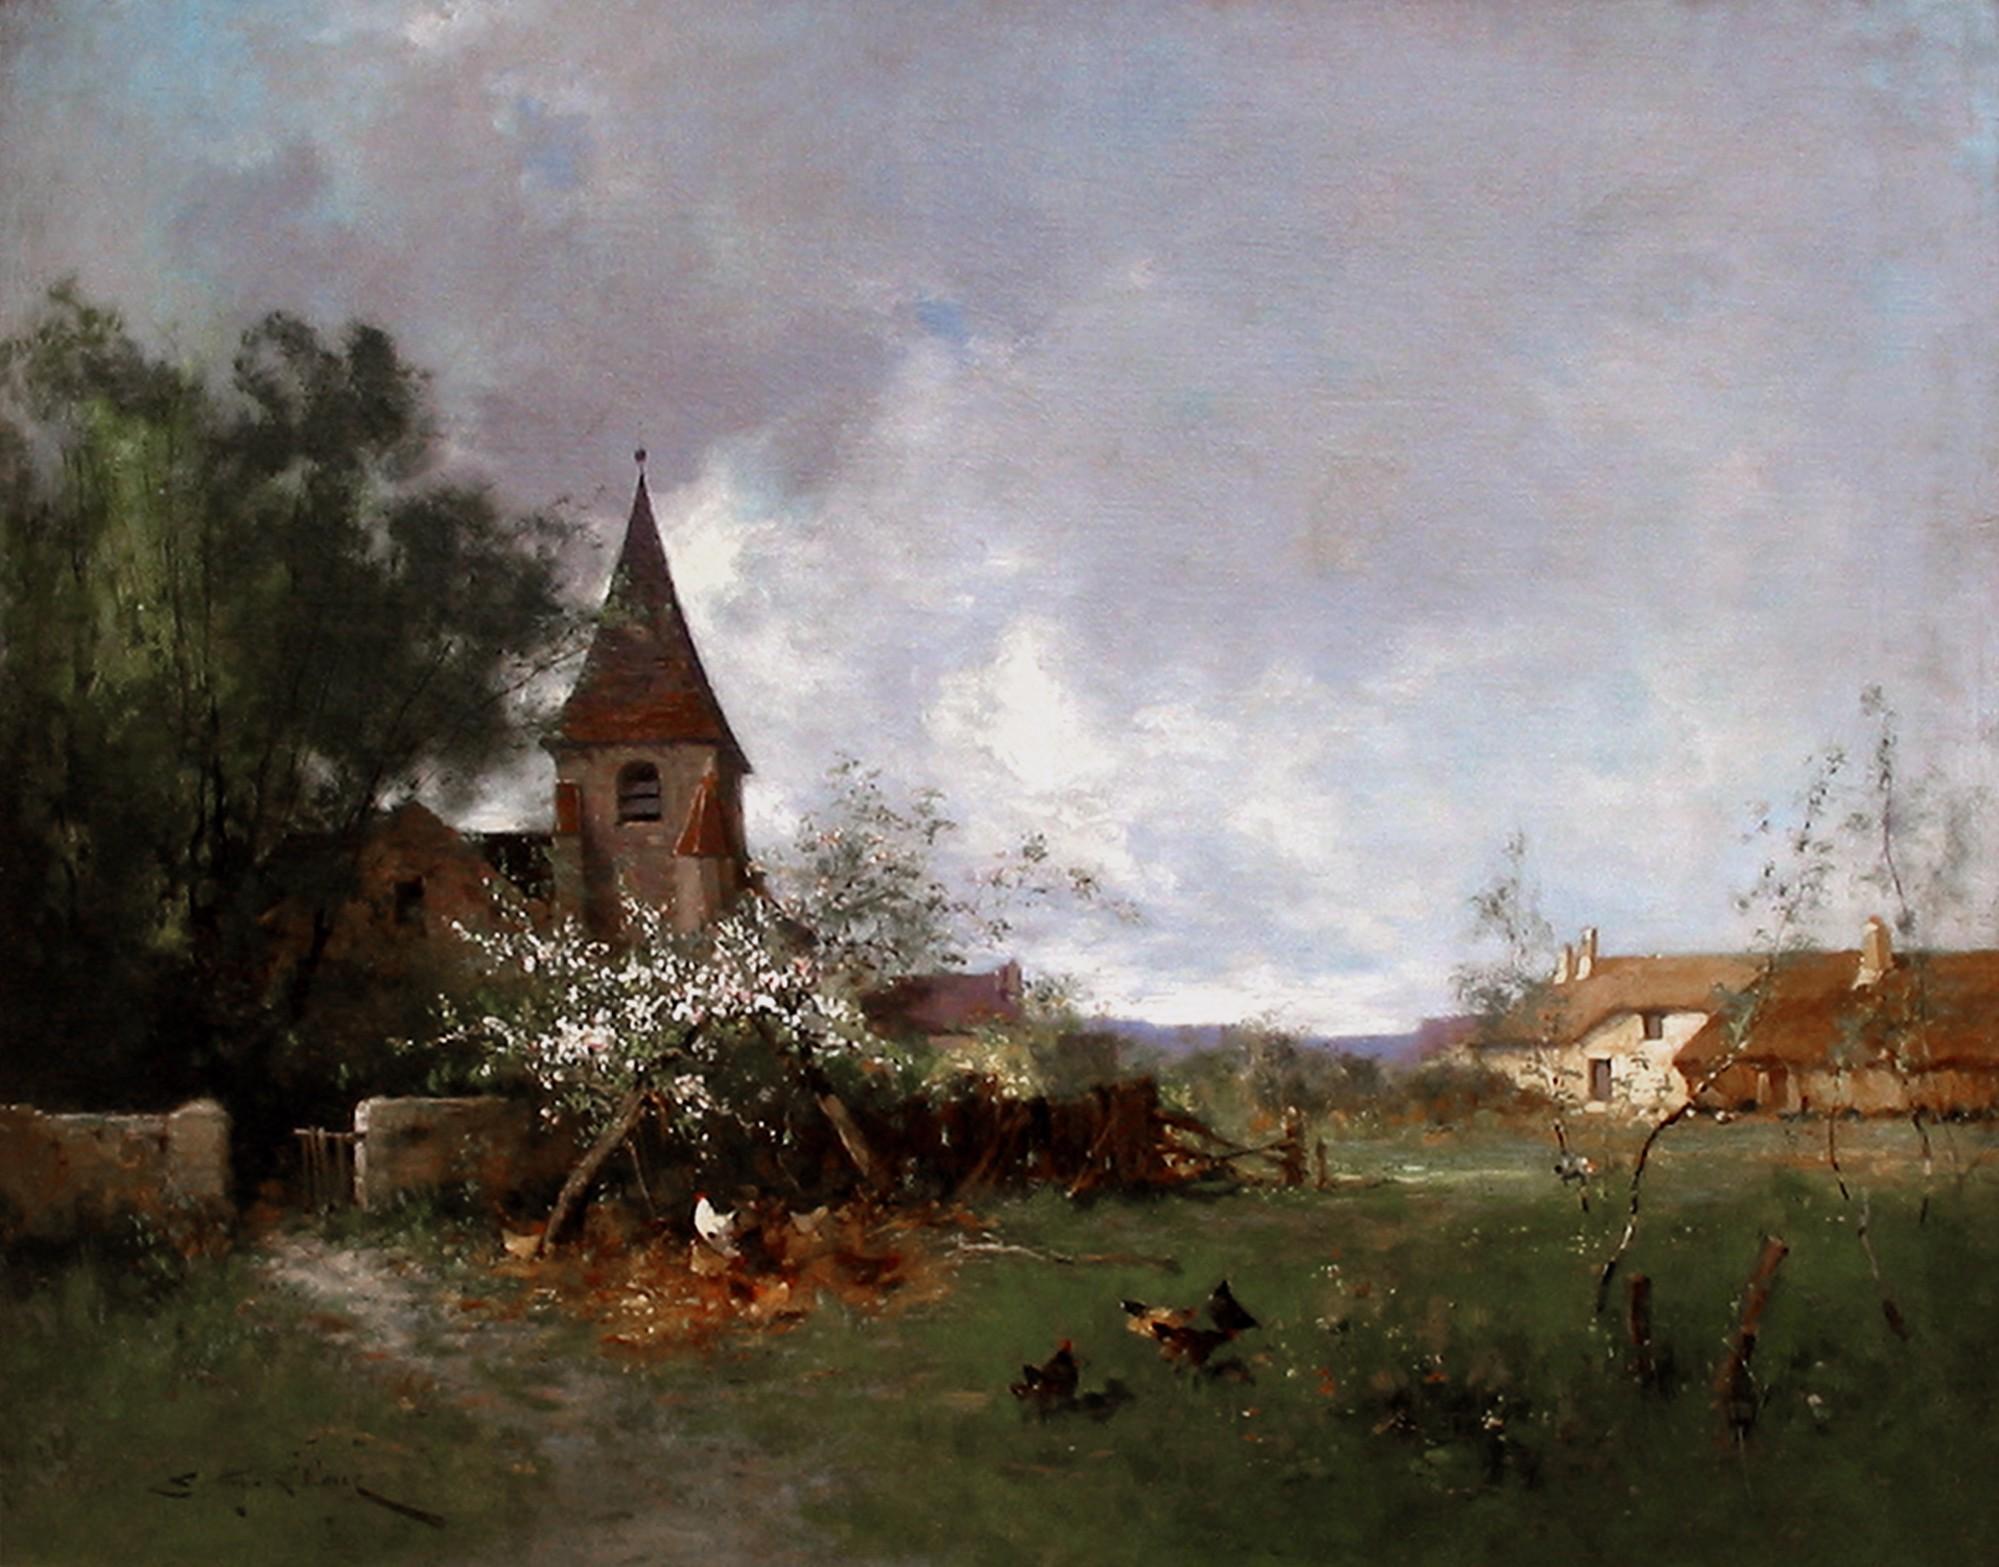 LANDSCAPE by GALIEN-LALOUE